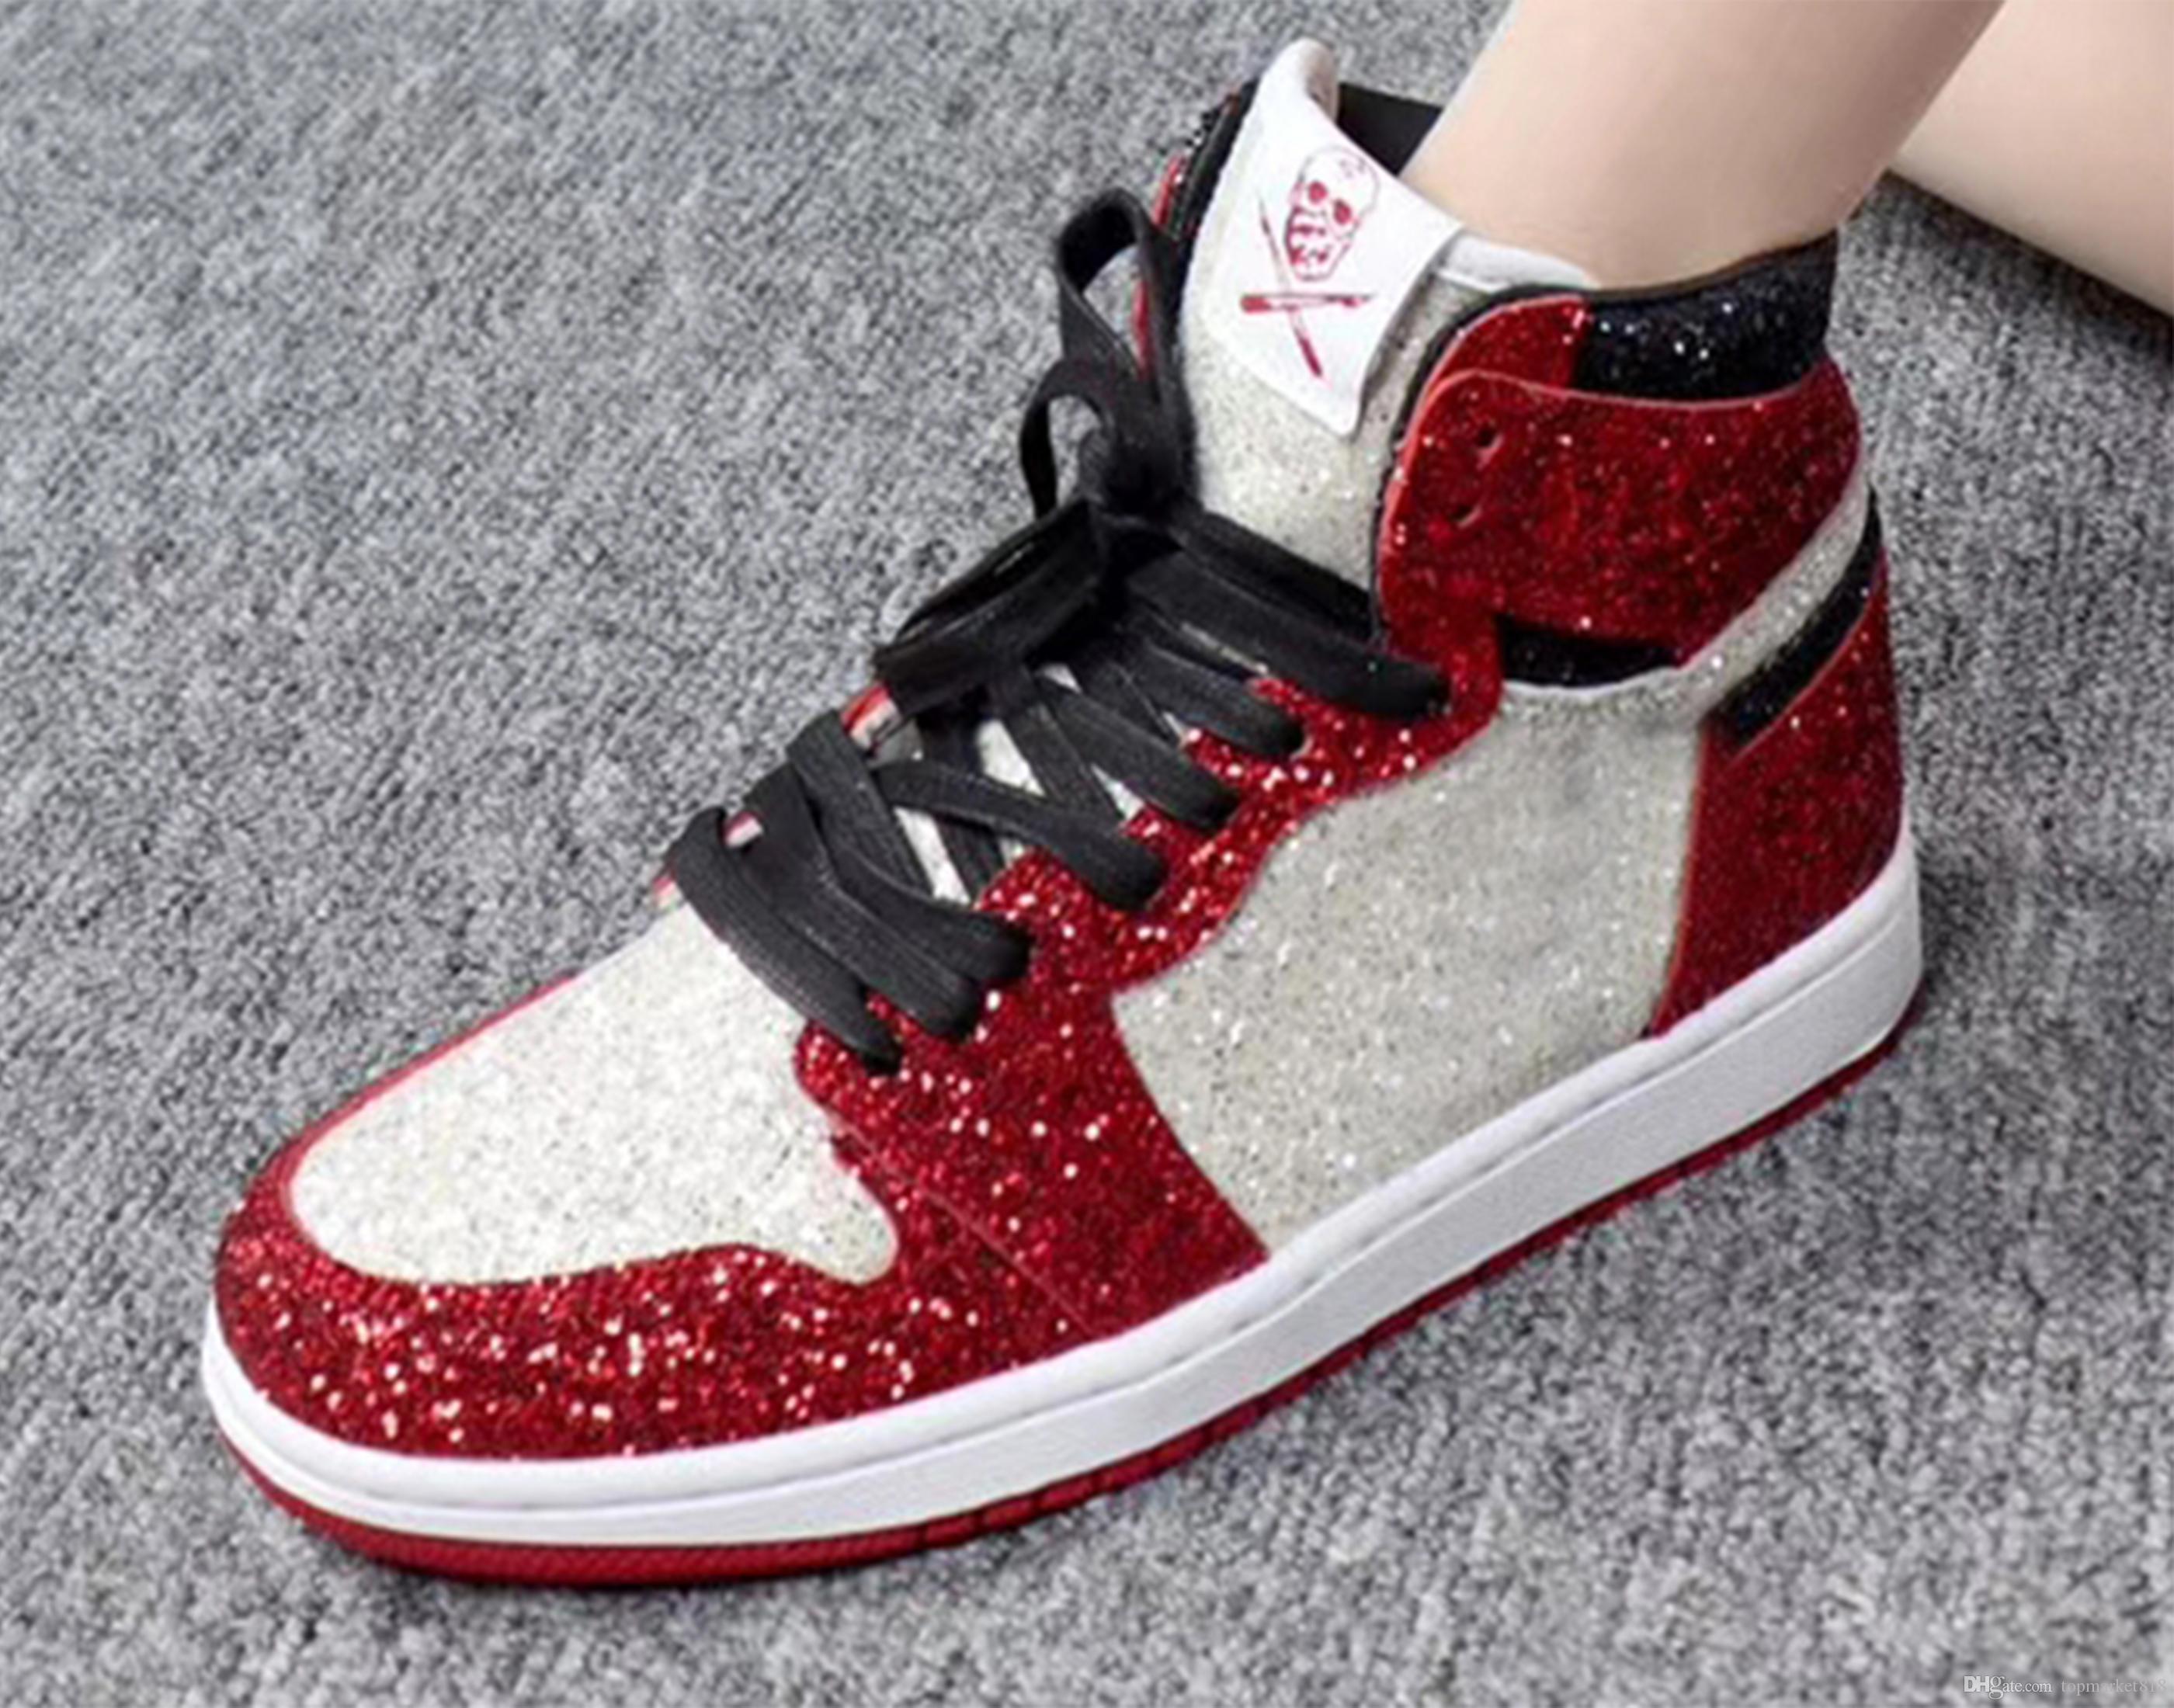 Kutu En Yeni 1 Yüksek OG XC2 Kuzey Kutbu Chicago Kırmızı ve Beyaz Glitter Erkek Basketbol Ayakkabı 1'ler ile spor ayakkabısı SIZE womens: 36-47,5